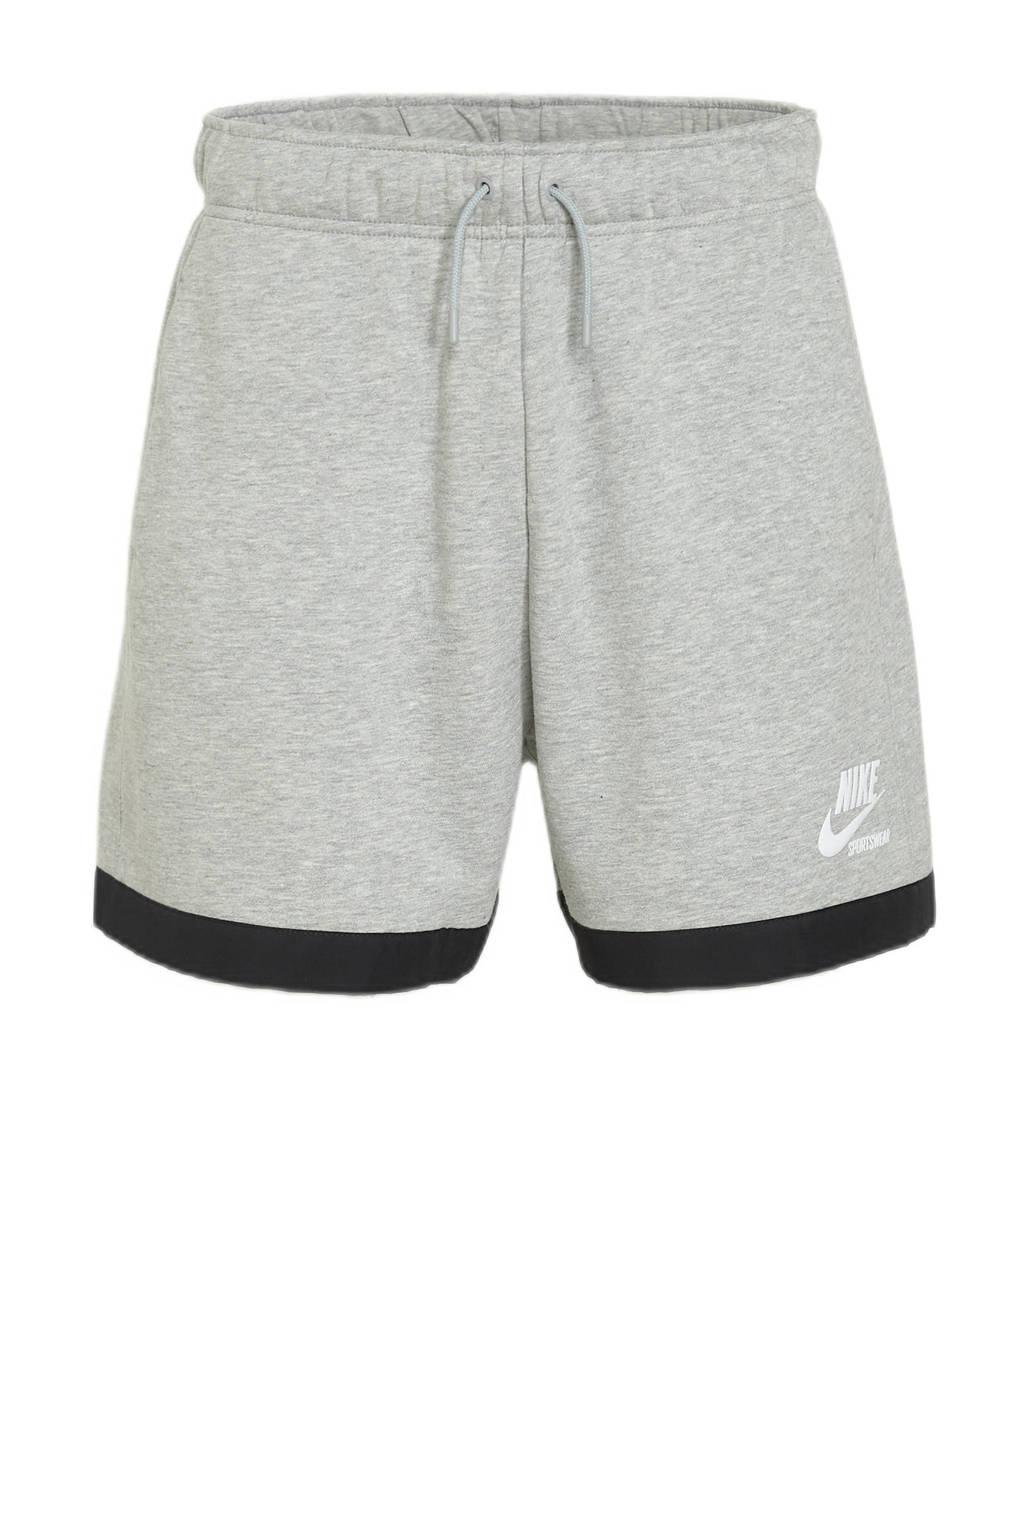 Nike fleece wide leg sweatshort met logo grijs melange/zwart, Grijs melange/zwart